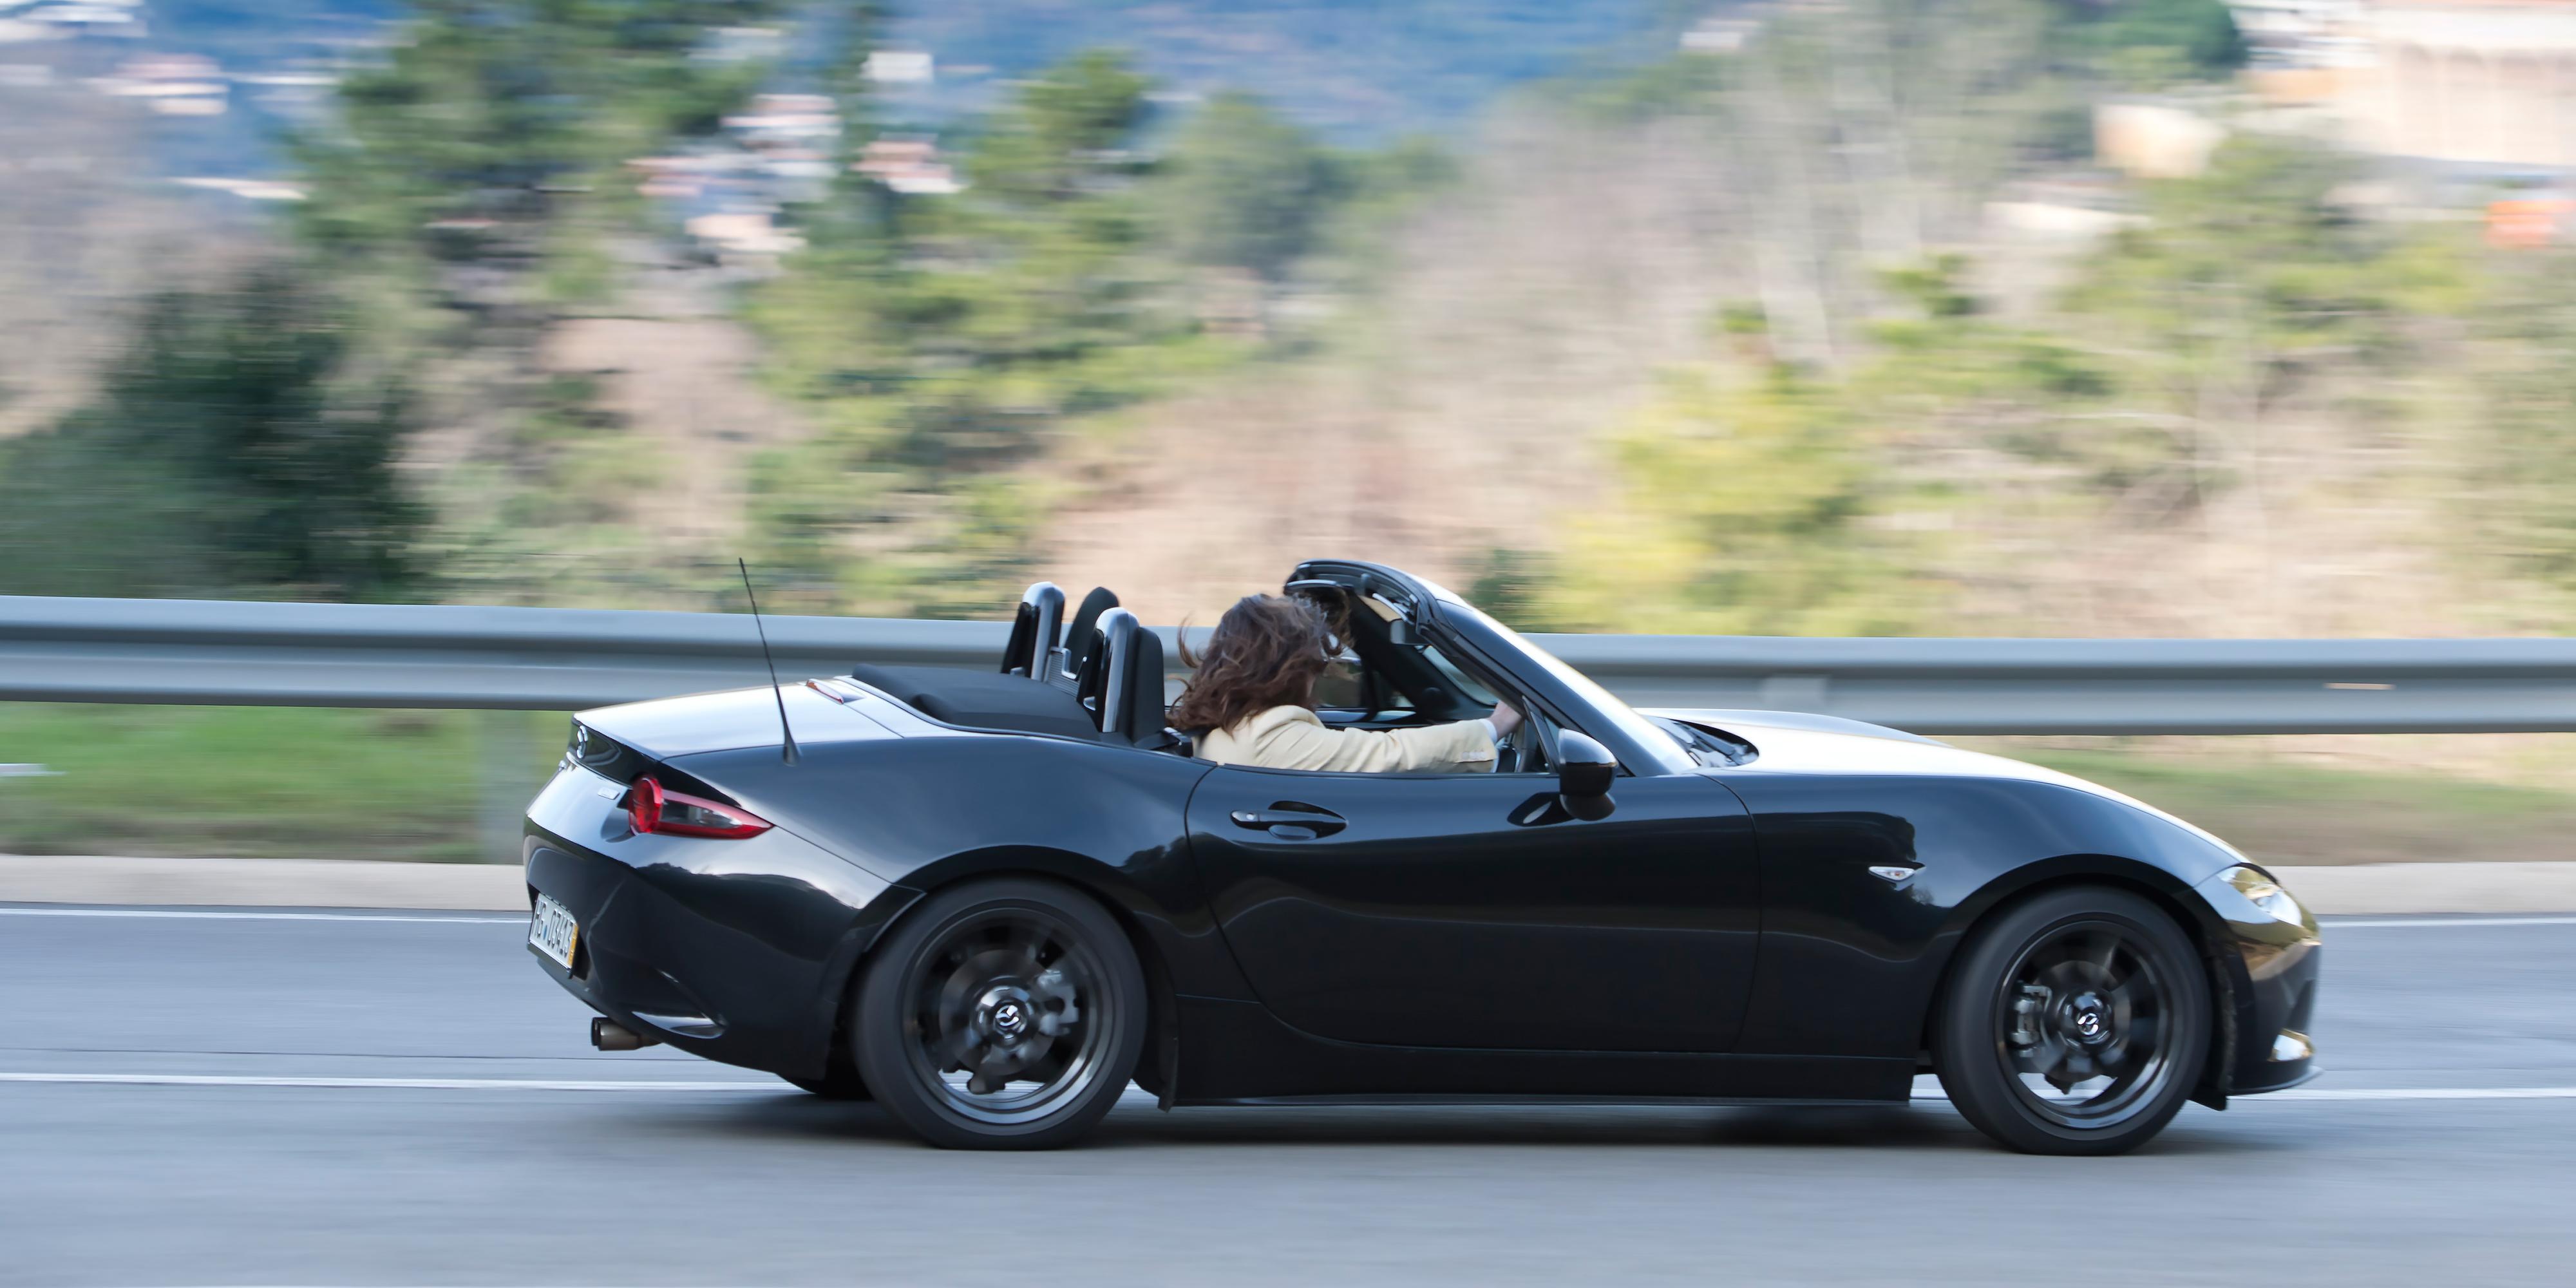 2016 Mazda Mx 5 Miata Photo Gallery